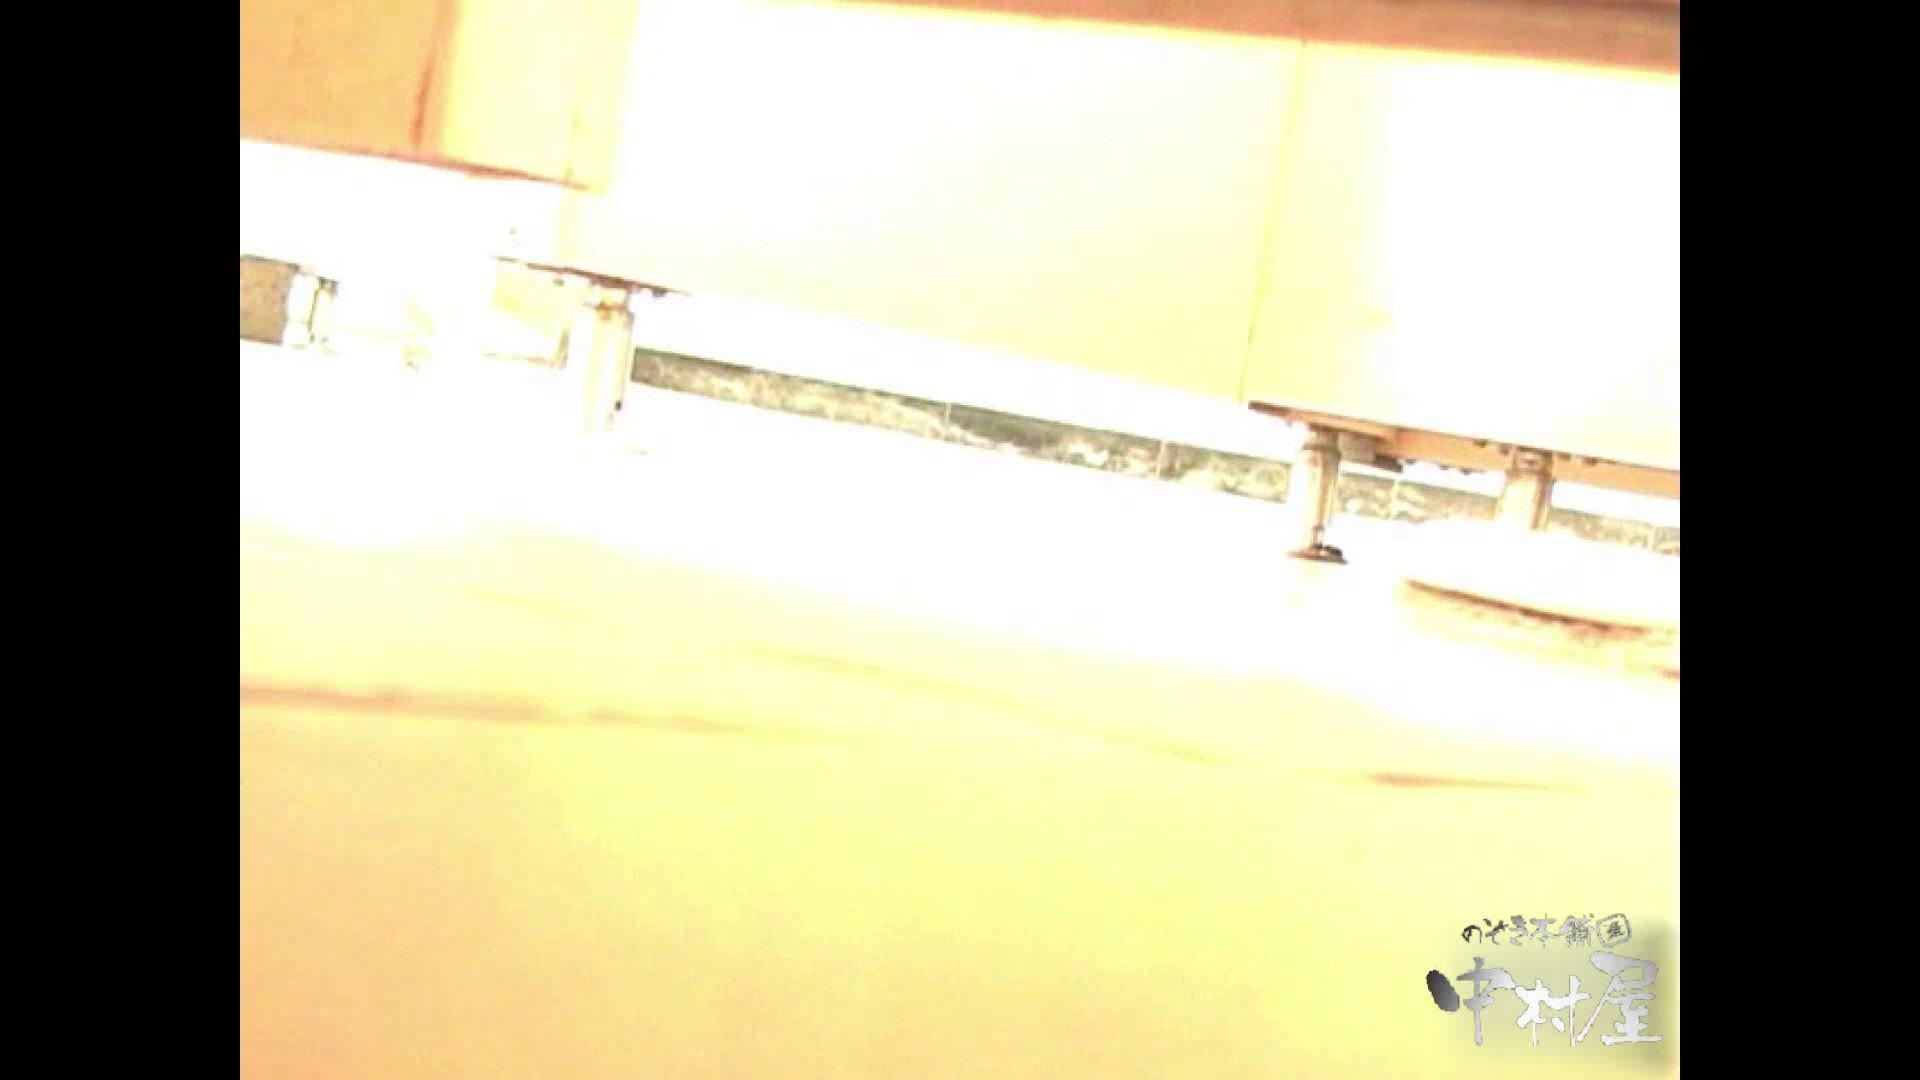 岩手県在住盗撮師盗撮記録vol.02 肛門 エロ無料画像 79連発 54